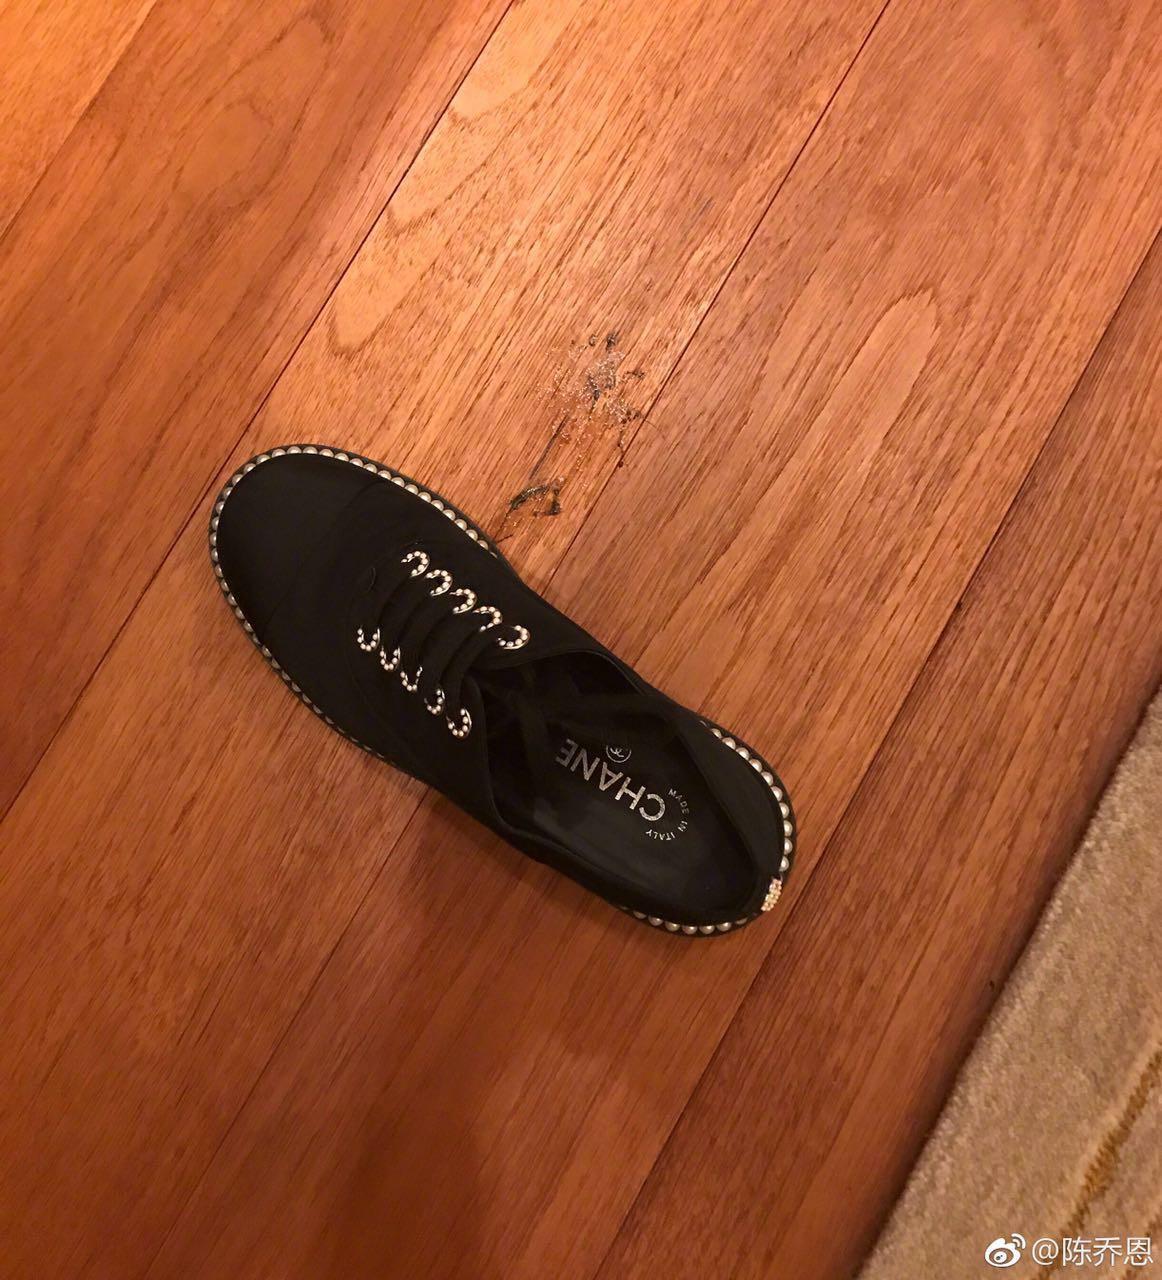 陈乔恩拍死了一只蟑螂 网友的关注点却在鞋上